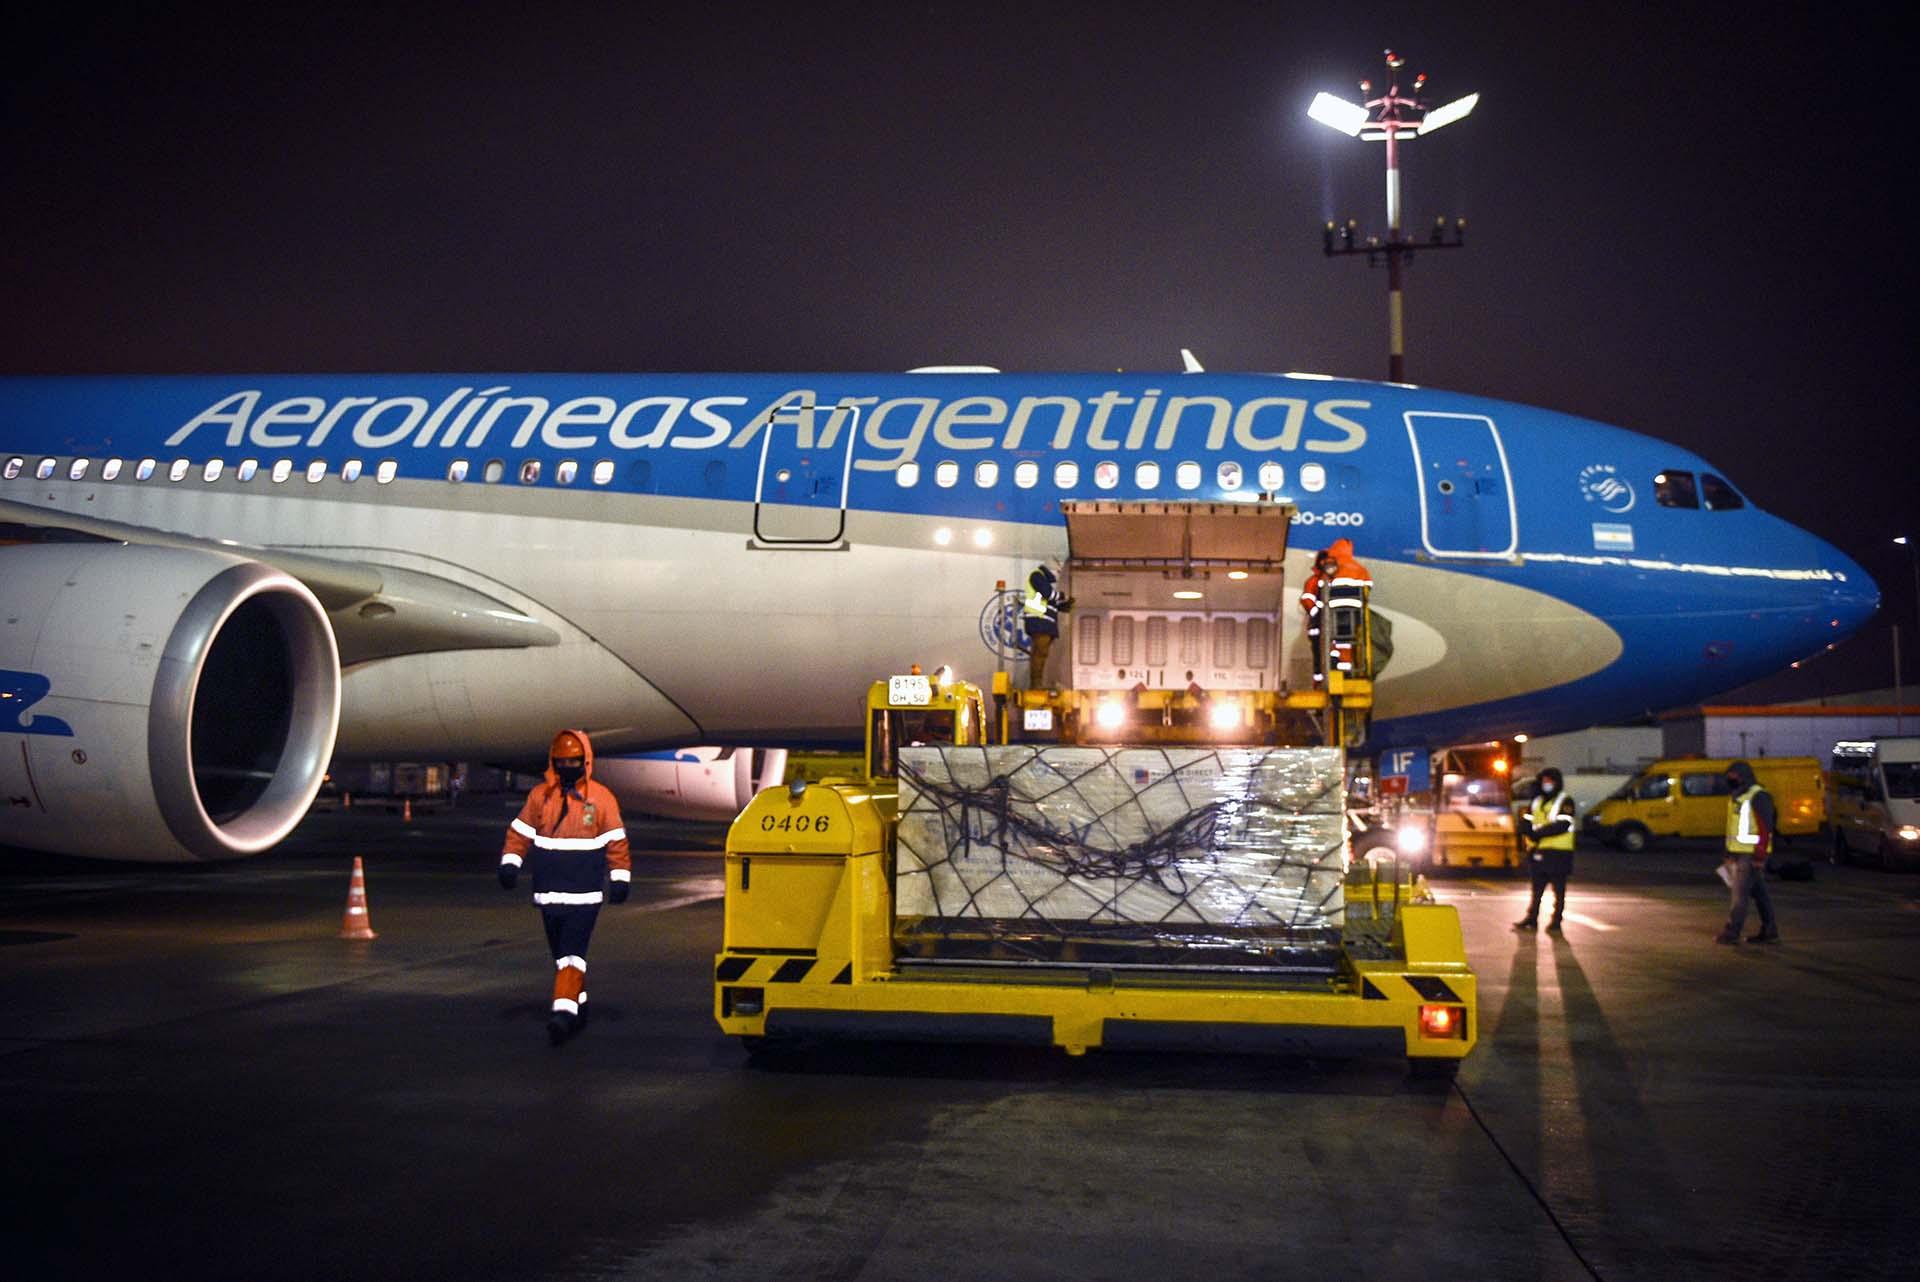 El Airbus de Aerolíneas Argentinas carga el envío de las vacunas Sputnik V en en el aeropuerto de Moscú el 23 de diciembre. Casi una semana después, empezaría la vacunación contra el coronavirus en todo el país